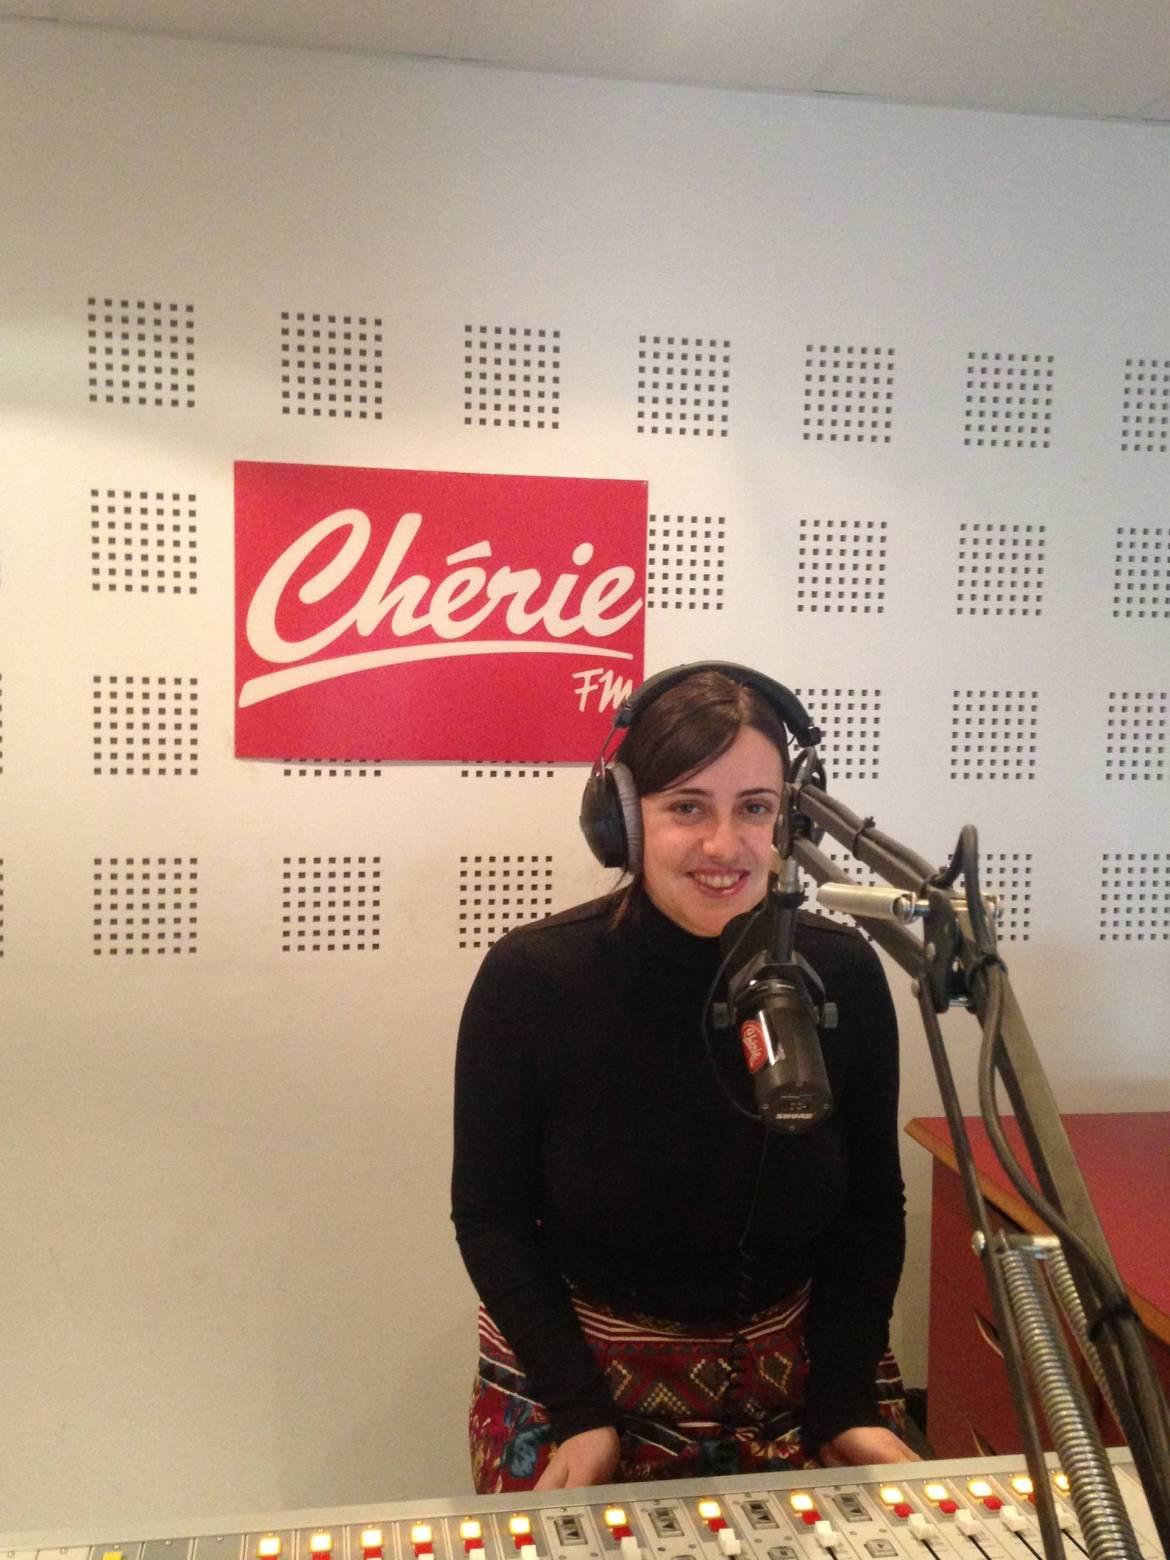 Cherie-FM-Elodie-Loisel-Auteur-scaled.jpg